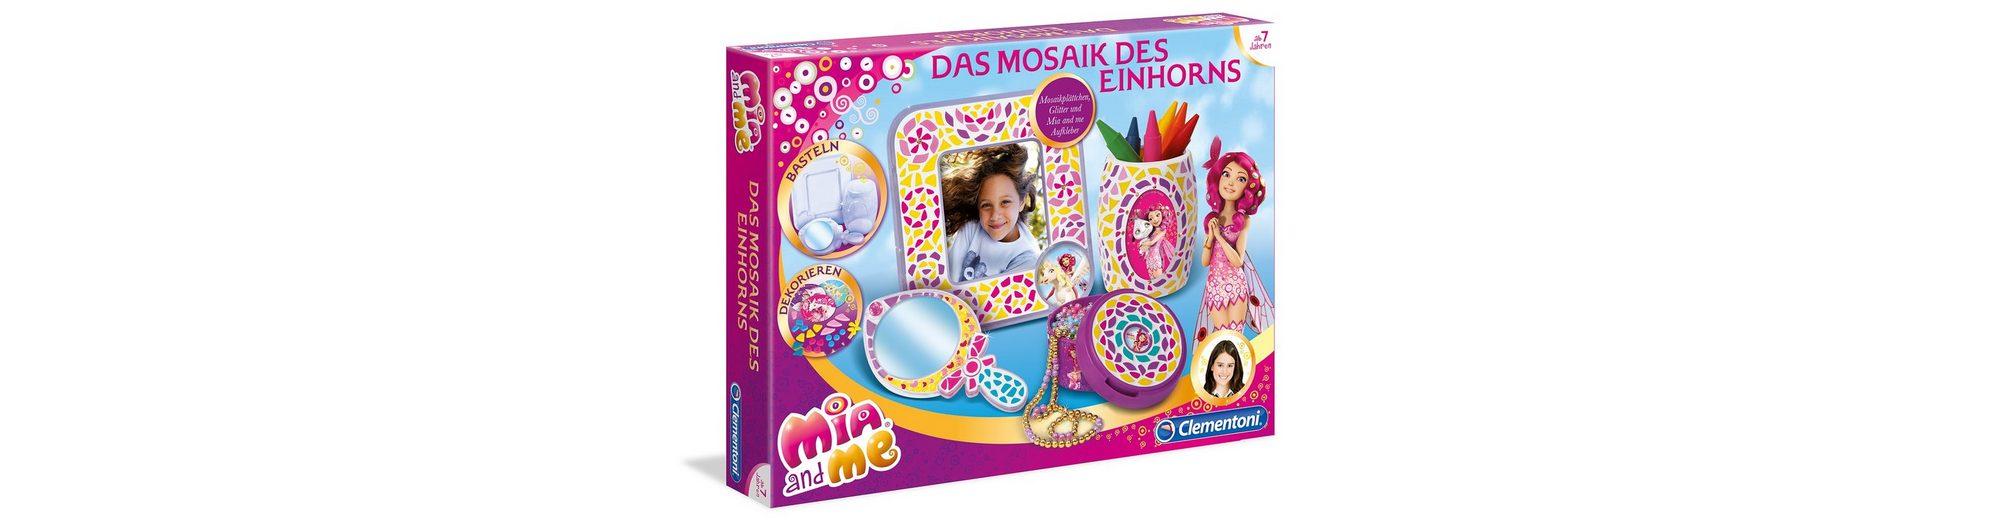 Kreativ-Set, »Mia & Me - Das Mosaik des Einhorns«, Clementoni